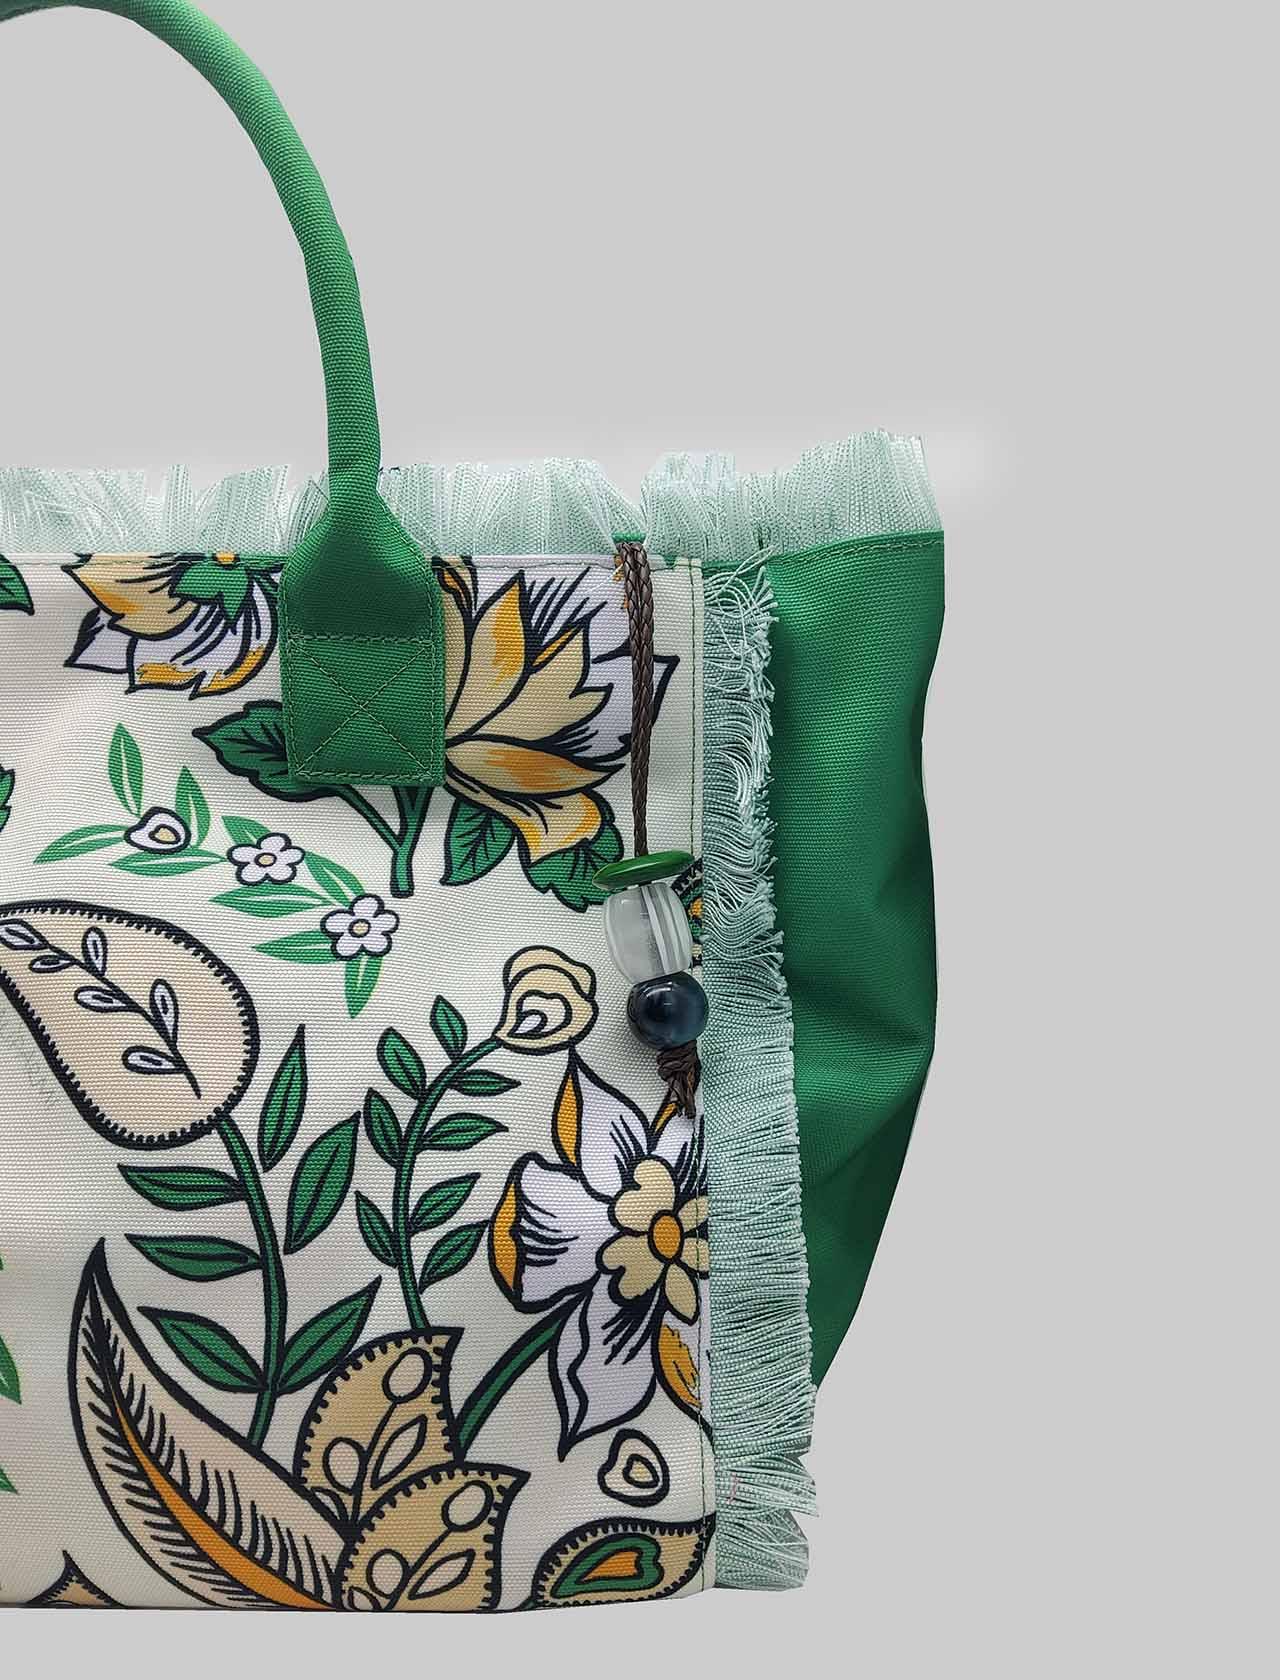 Borsa Donna Shopping Flower Print in Cotone Naturale e Verde Maliparmi | Borse e zaini | BH026060043B1233